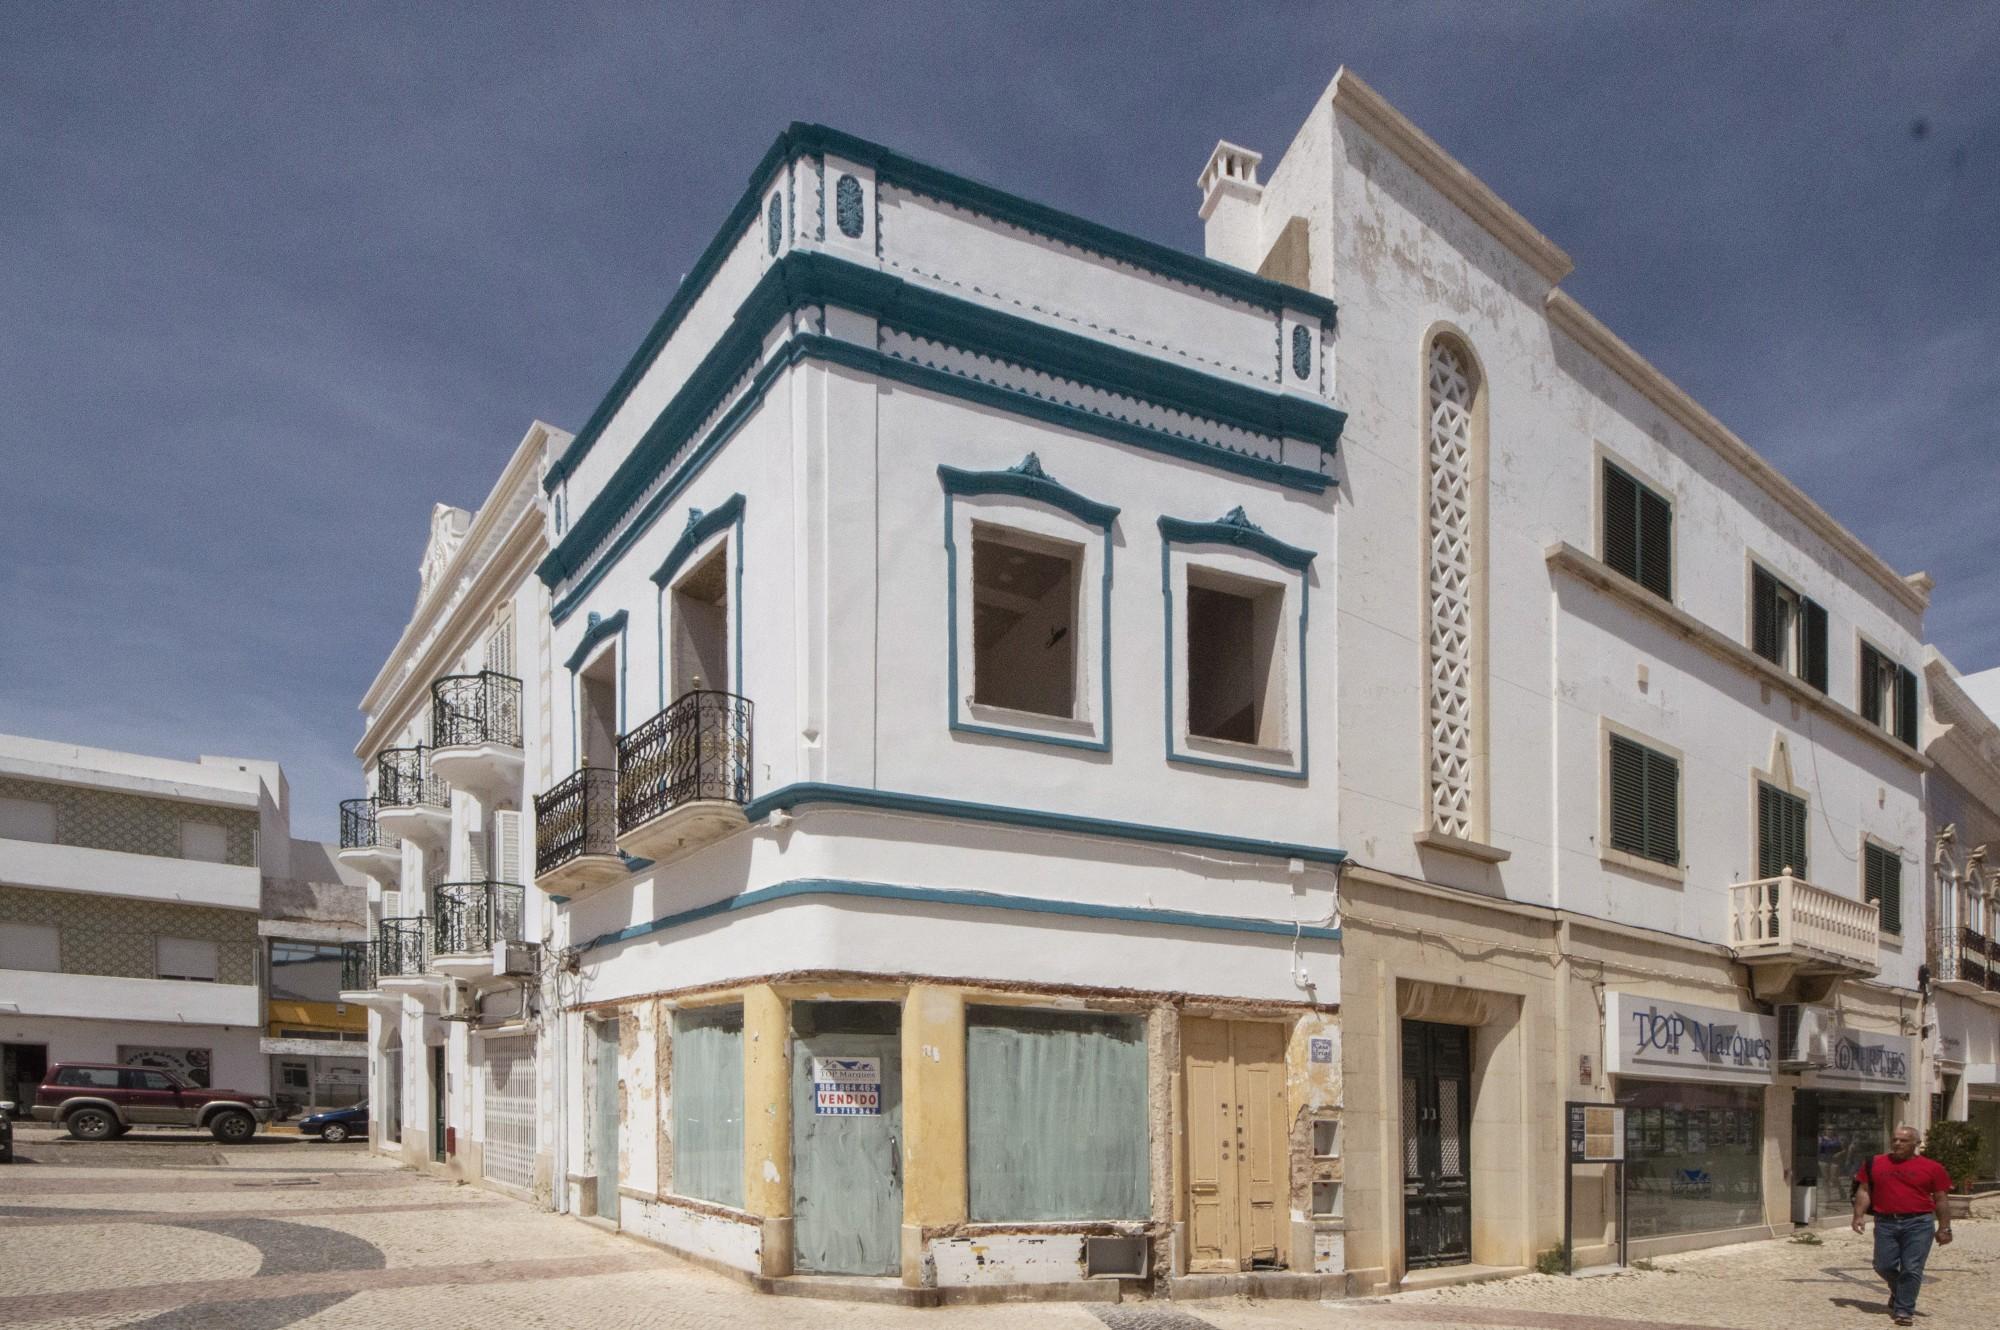 Original facade